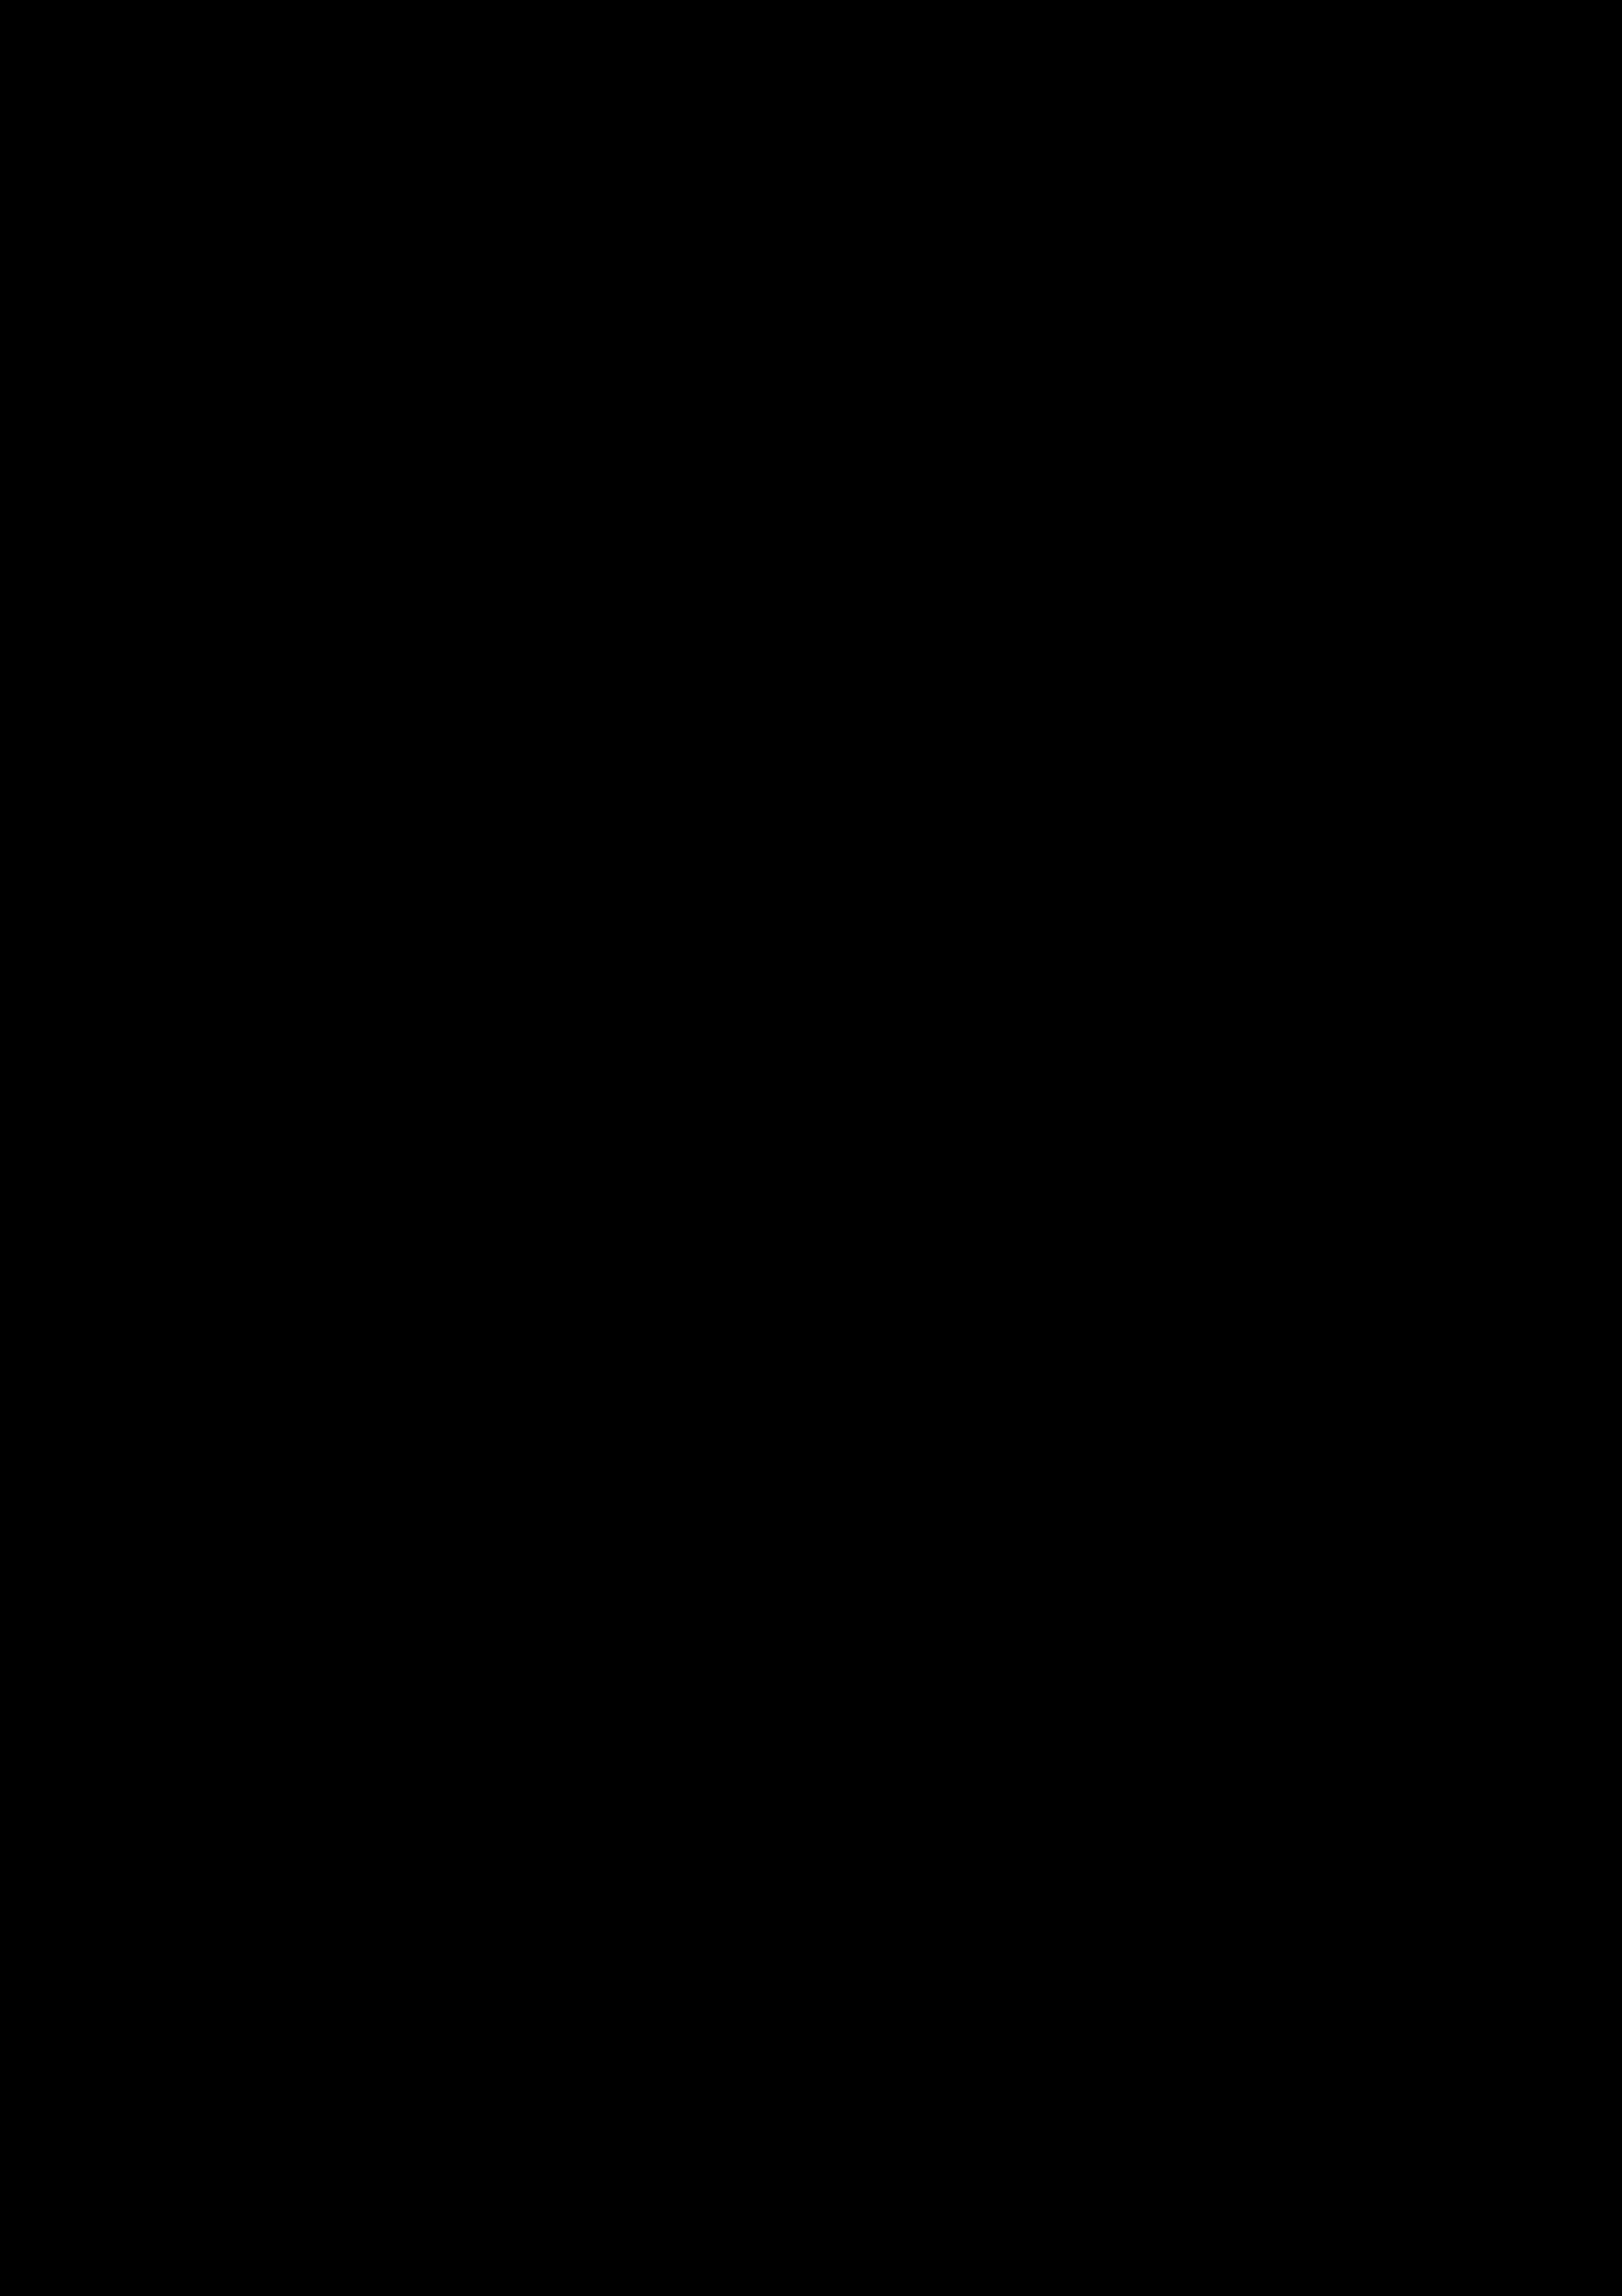 Intervenção poster.png